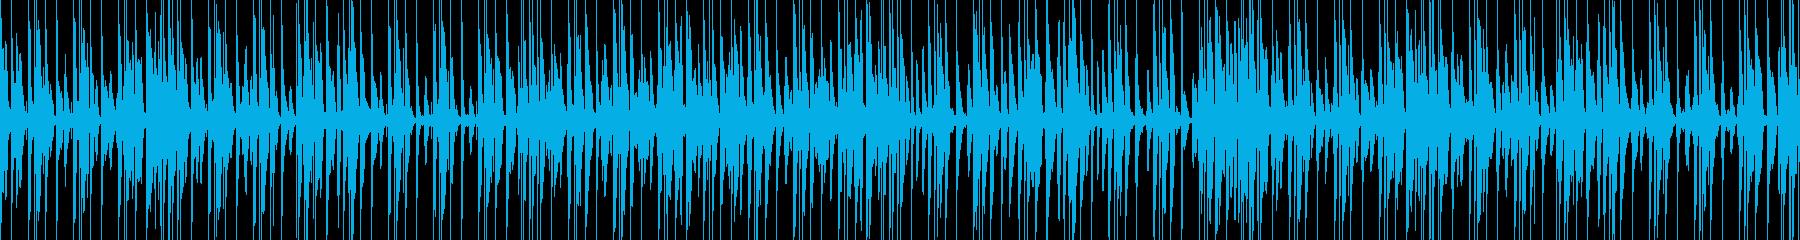 おしゃれでキャッチーなジャズピアノトリオの再生済みの波形